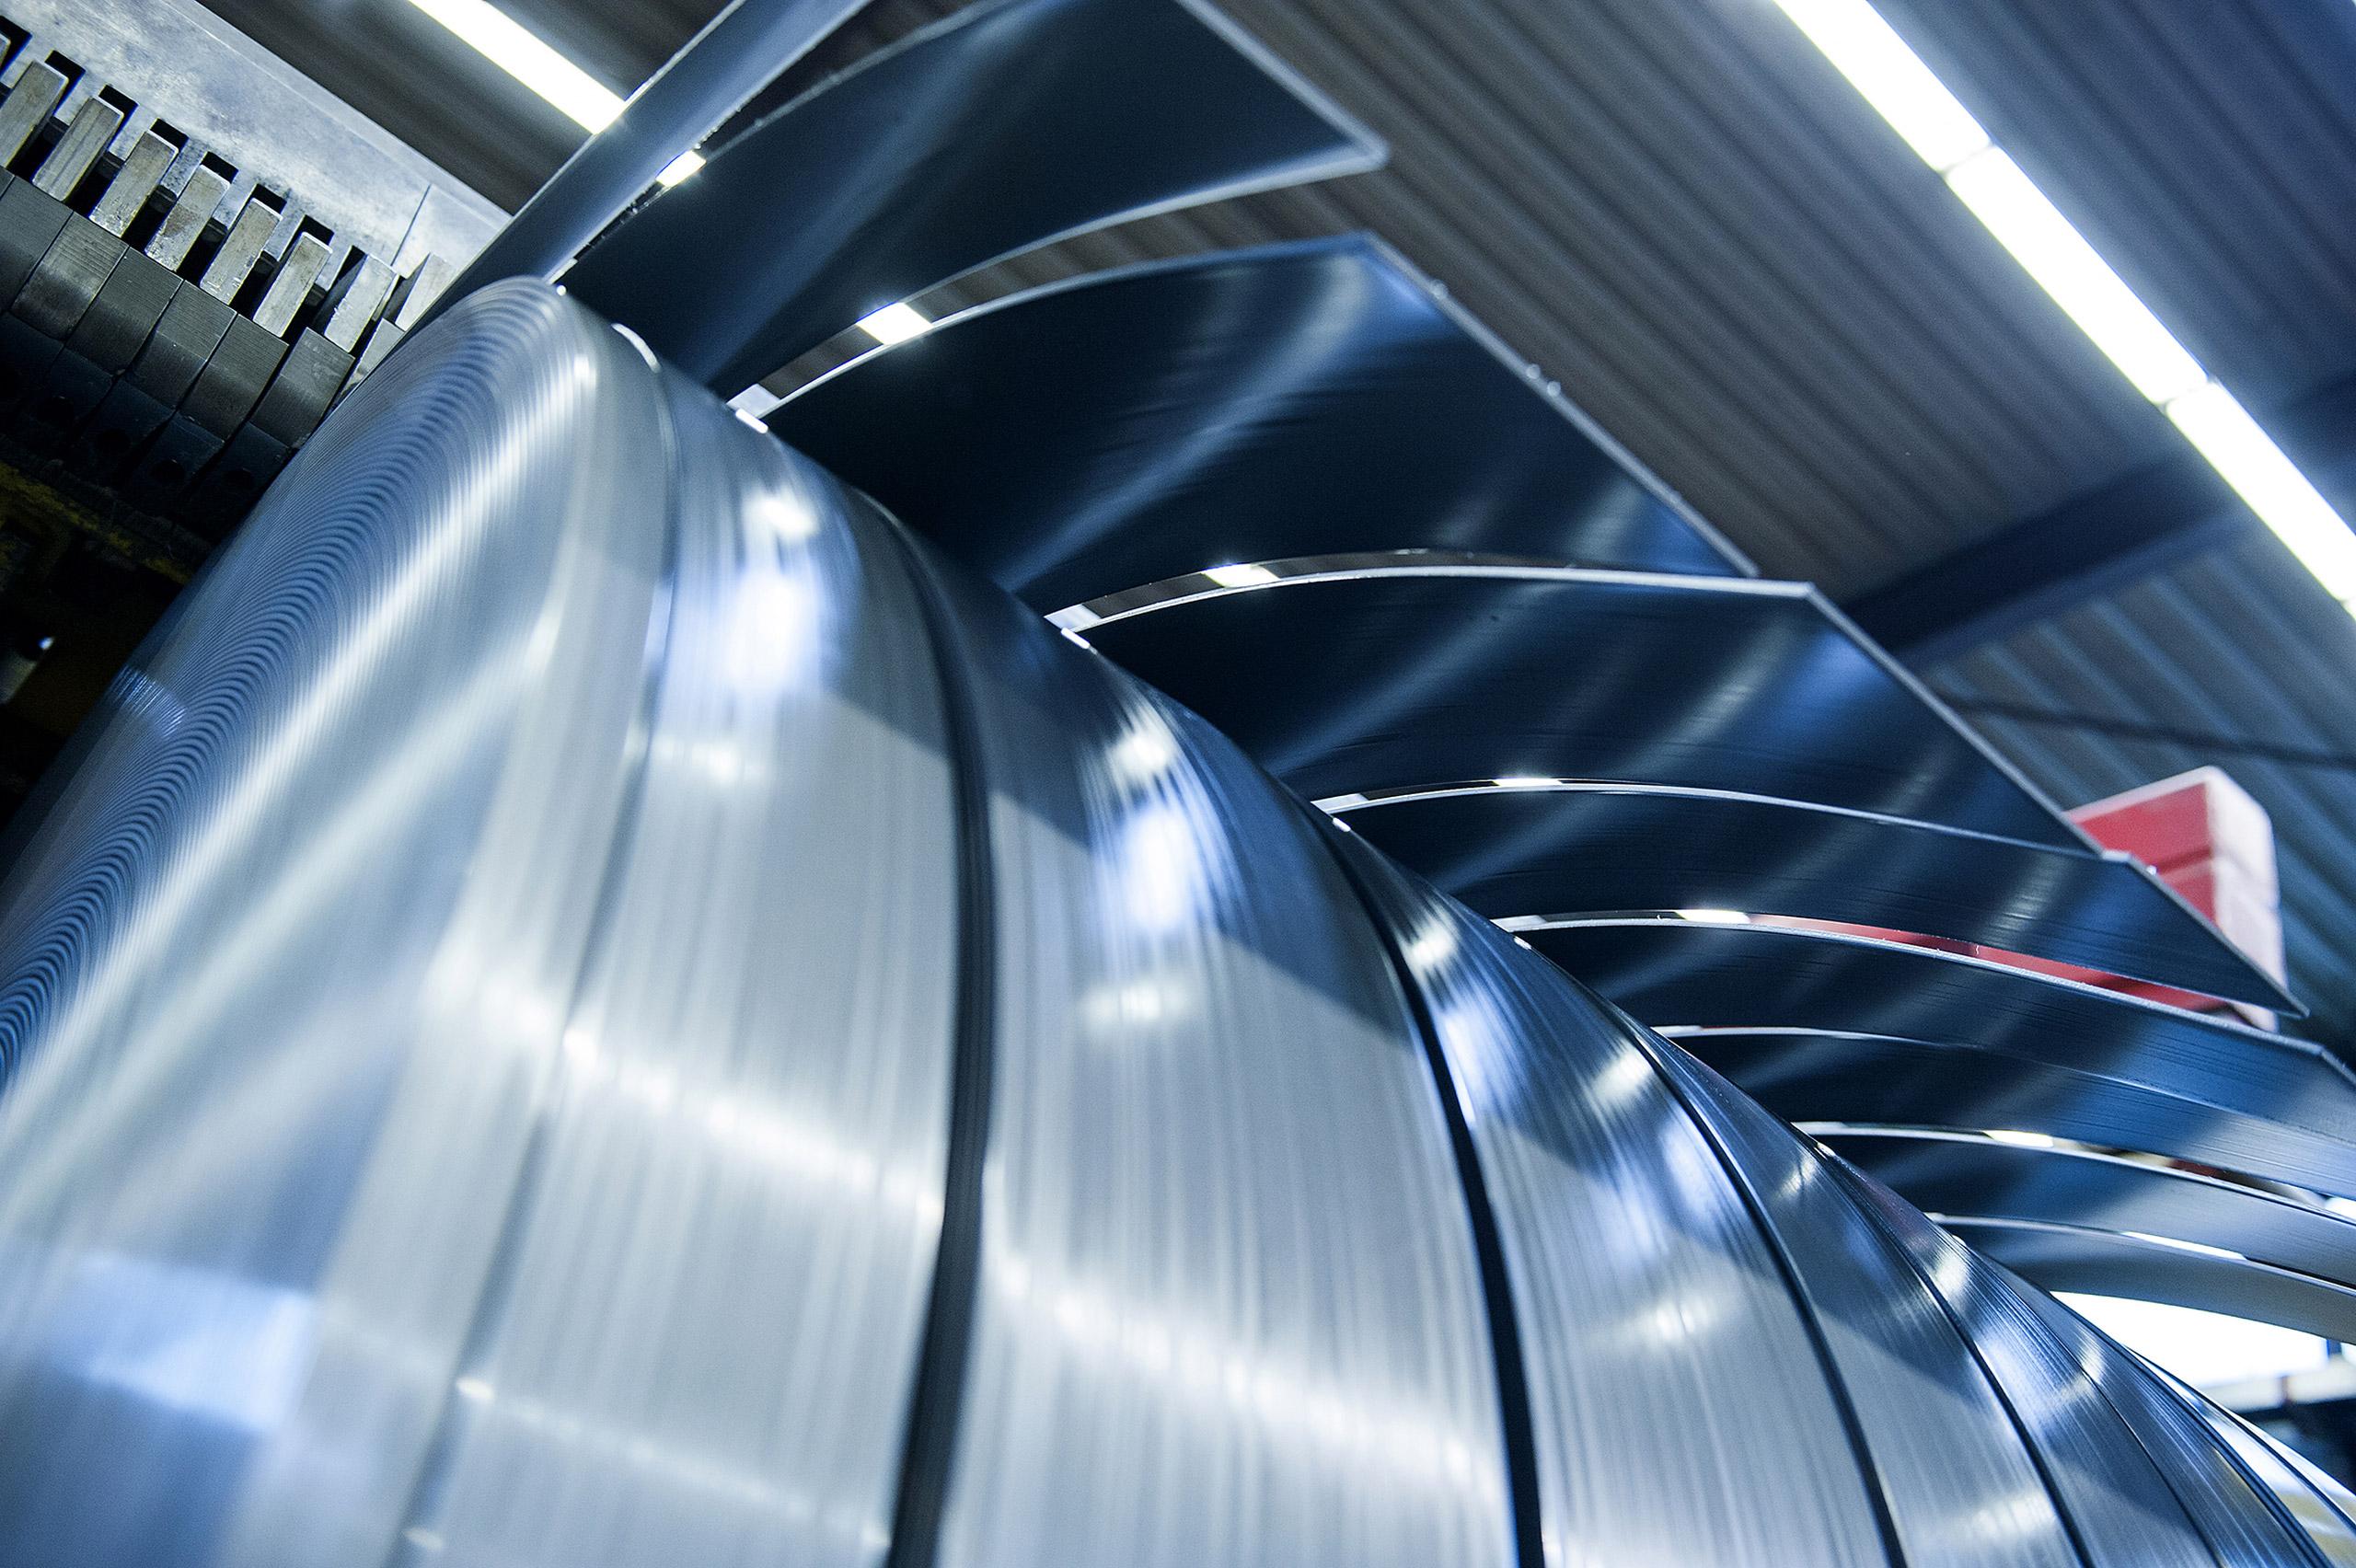 coils slitting, galvanized coil slitting,hot rolled coil slitting, cold rolled coil slitting, steel plate slitting